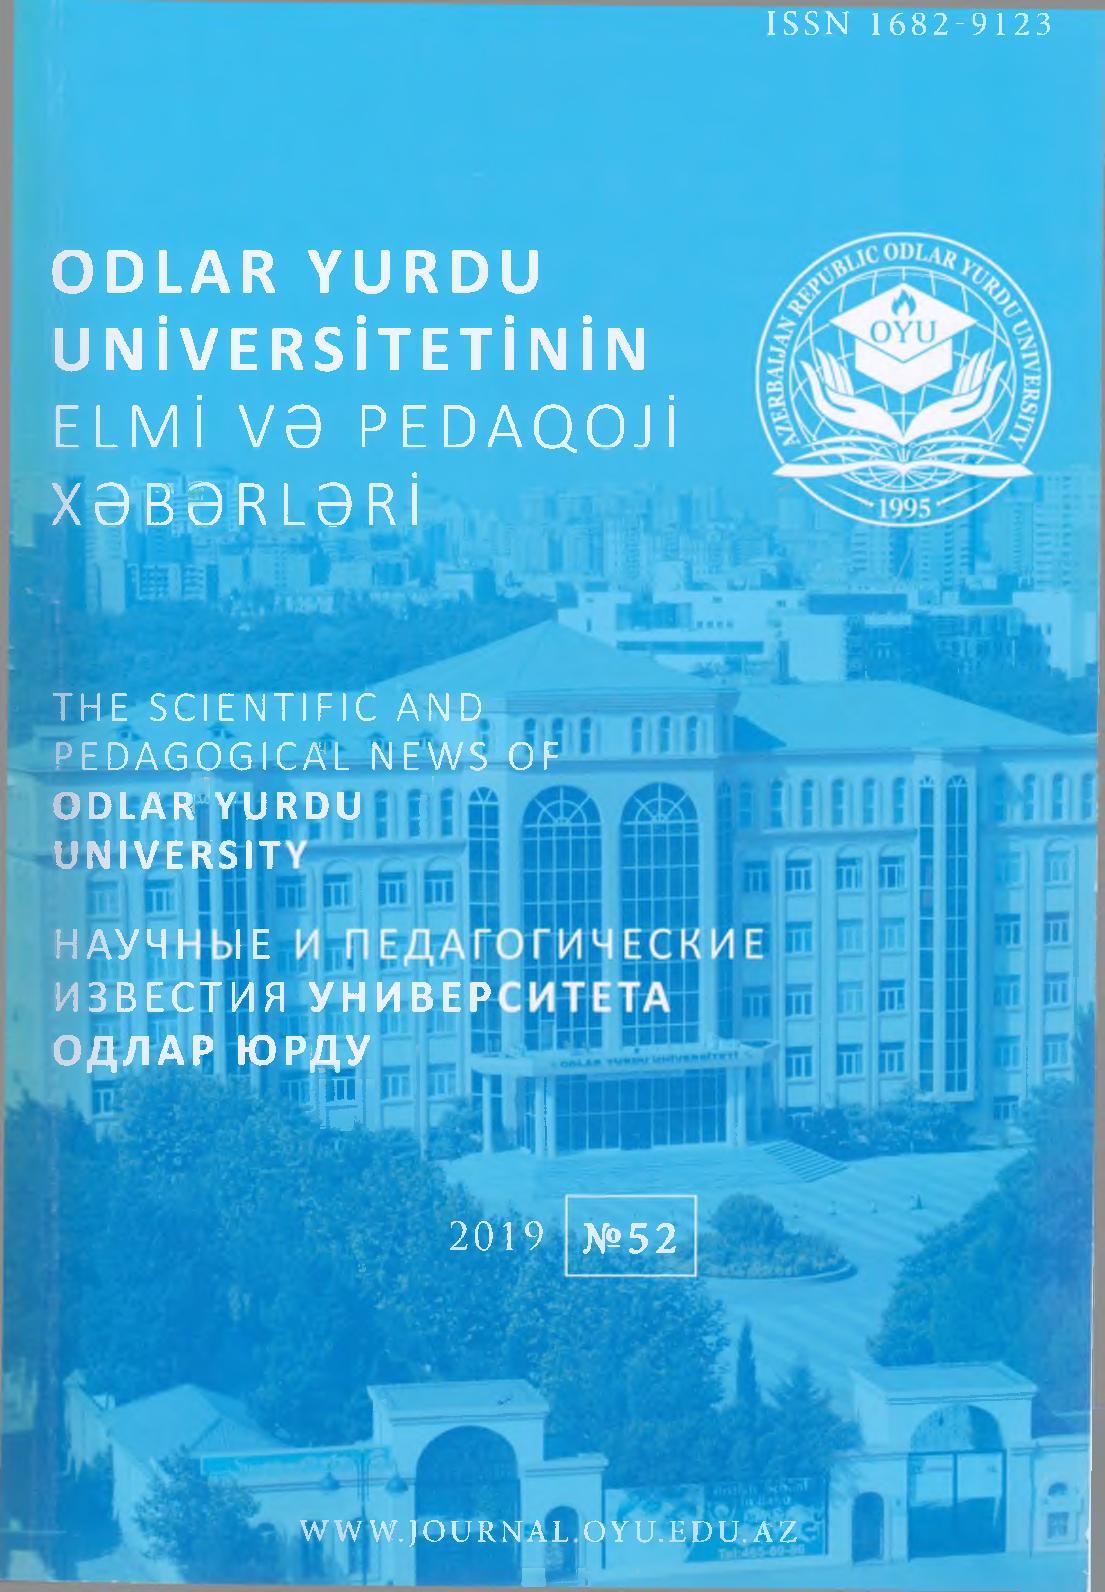 Calameo Odlar Yurdu Universiteti Elmi Və Pedaqoji Xəbərlər 2019 52